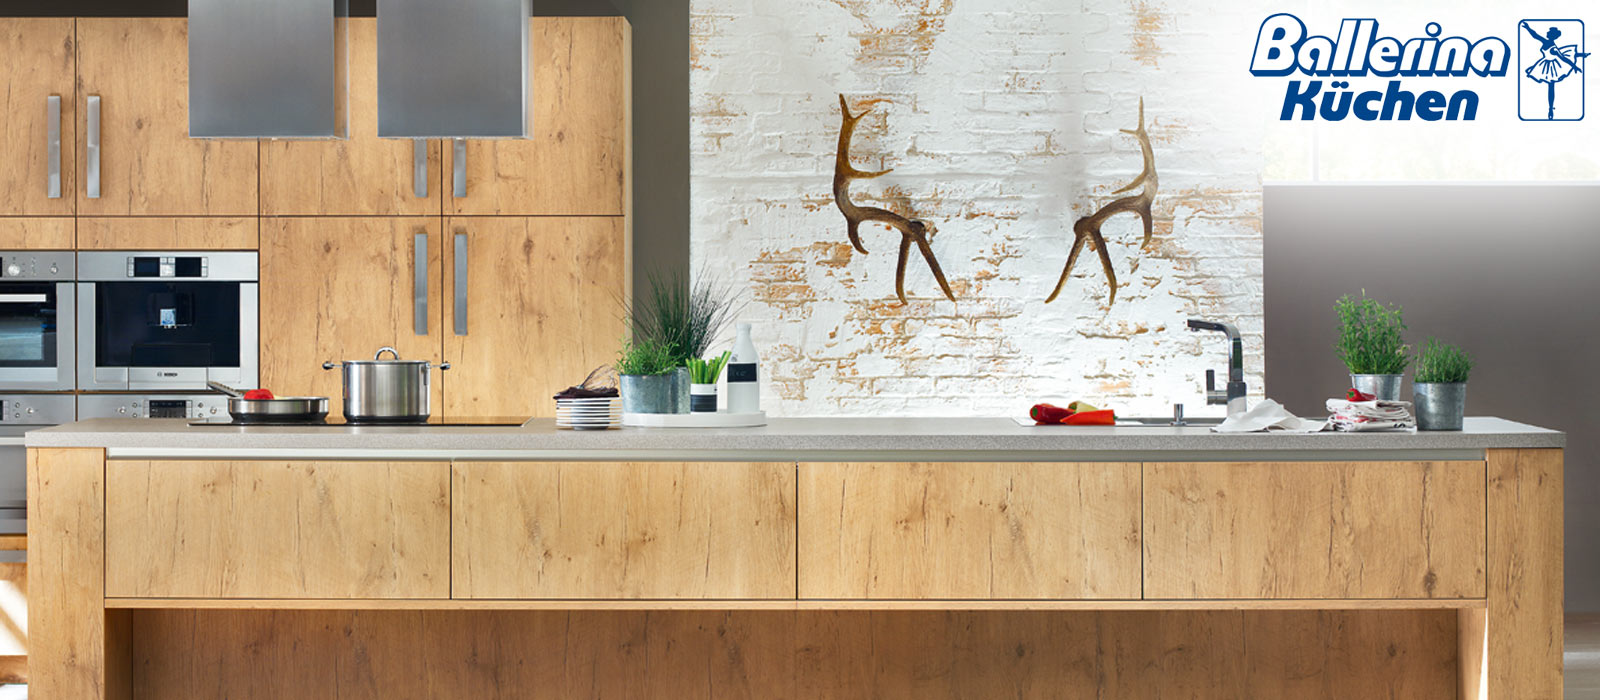 Full Size of Ballerina Kchen Mit Keramikfronten Küchen Regal Wohnzimmer Ballerina Küchen